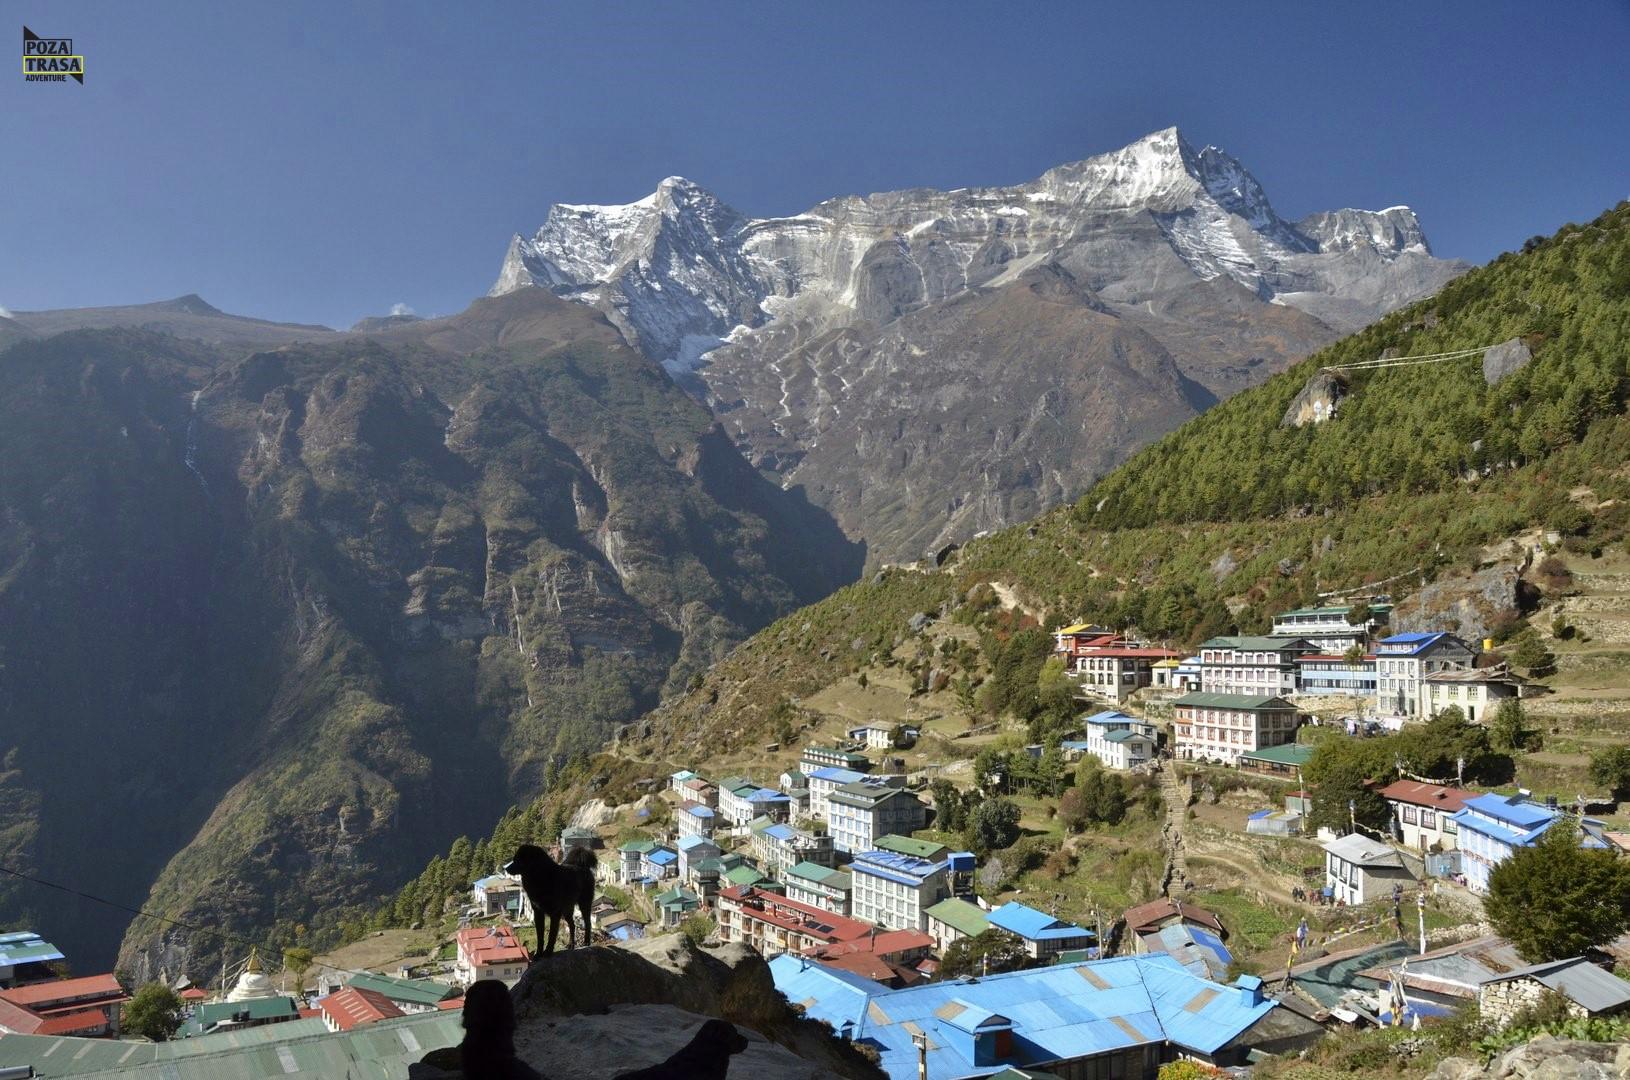 Nepal Helambu trekking